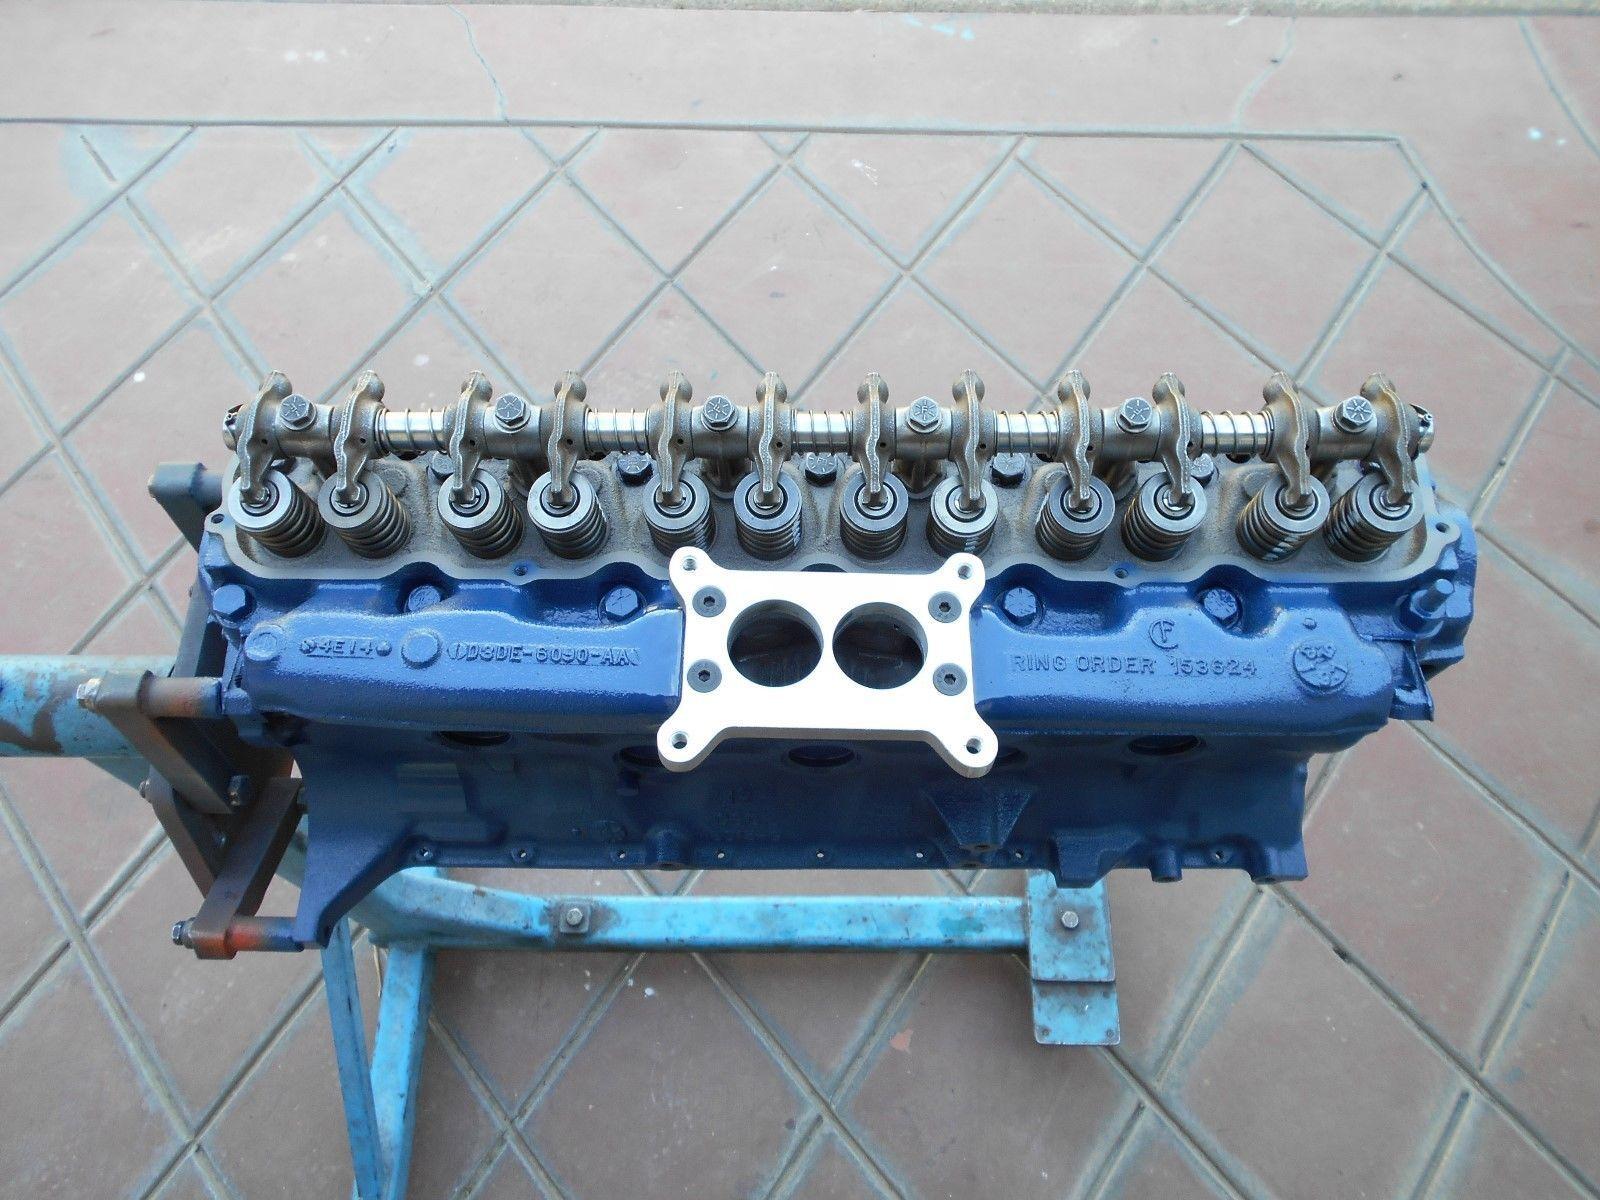 ford 200 falcon mustang bronco rebuilt engine 2v conversion performance mustang 6 cylinder 170. Black Bedroom Furniture Sets. Home Design Ideas